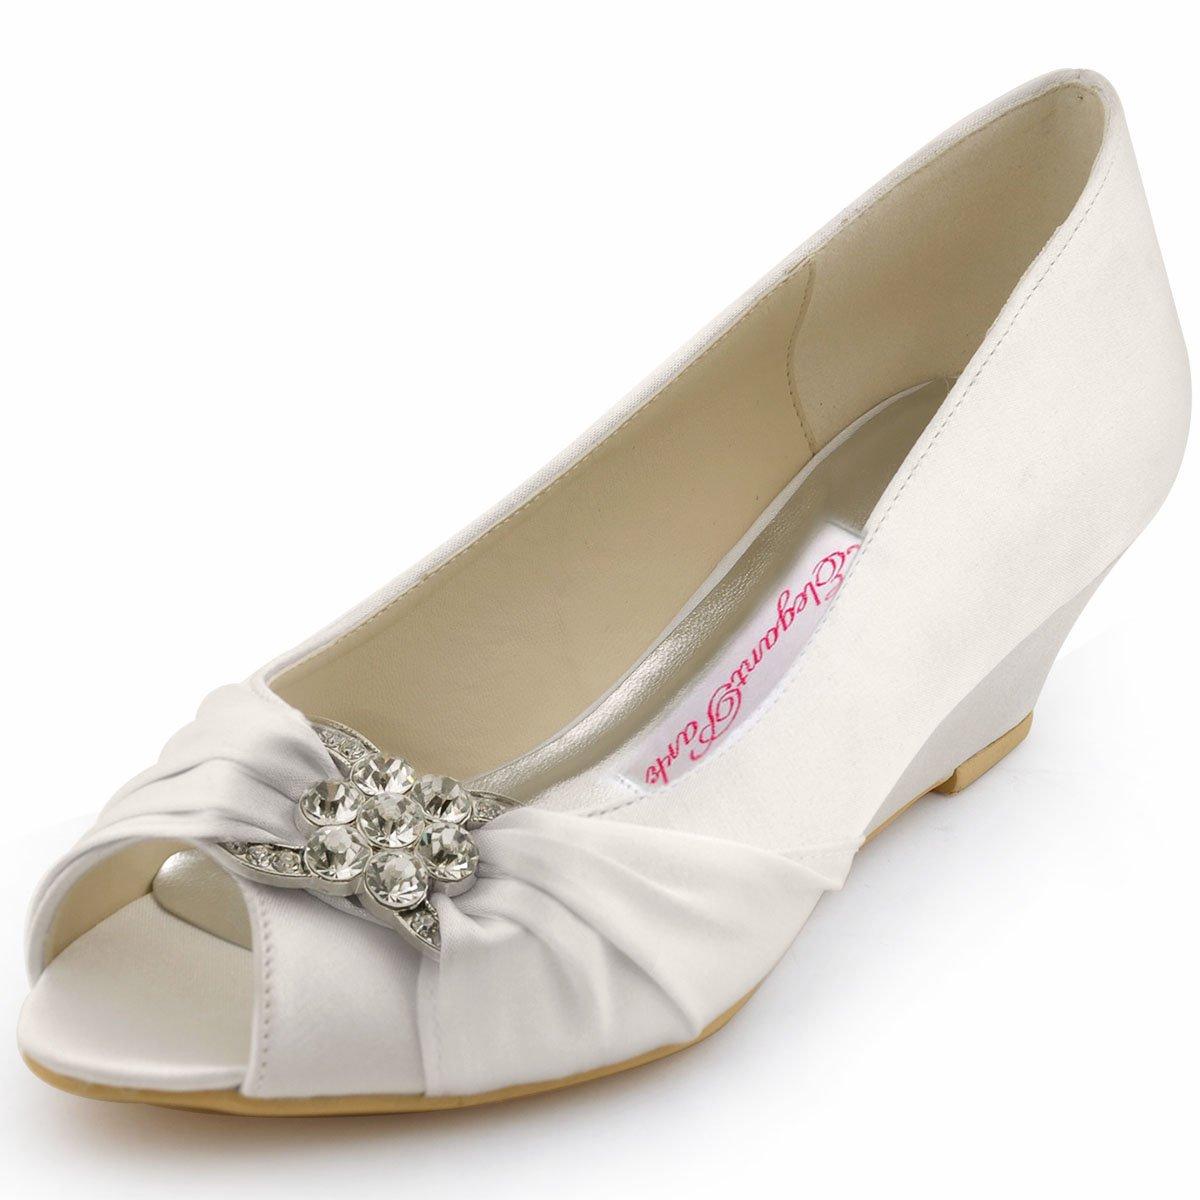 Elegantpark Chaussures WP1403 Compensé bout ouvert Compensé Femmes boucle arc boucle Satin Chaussures de Mariée Ivoire 3e6013e - epictionpvp.space